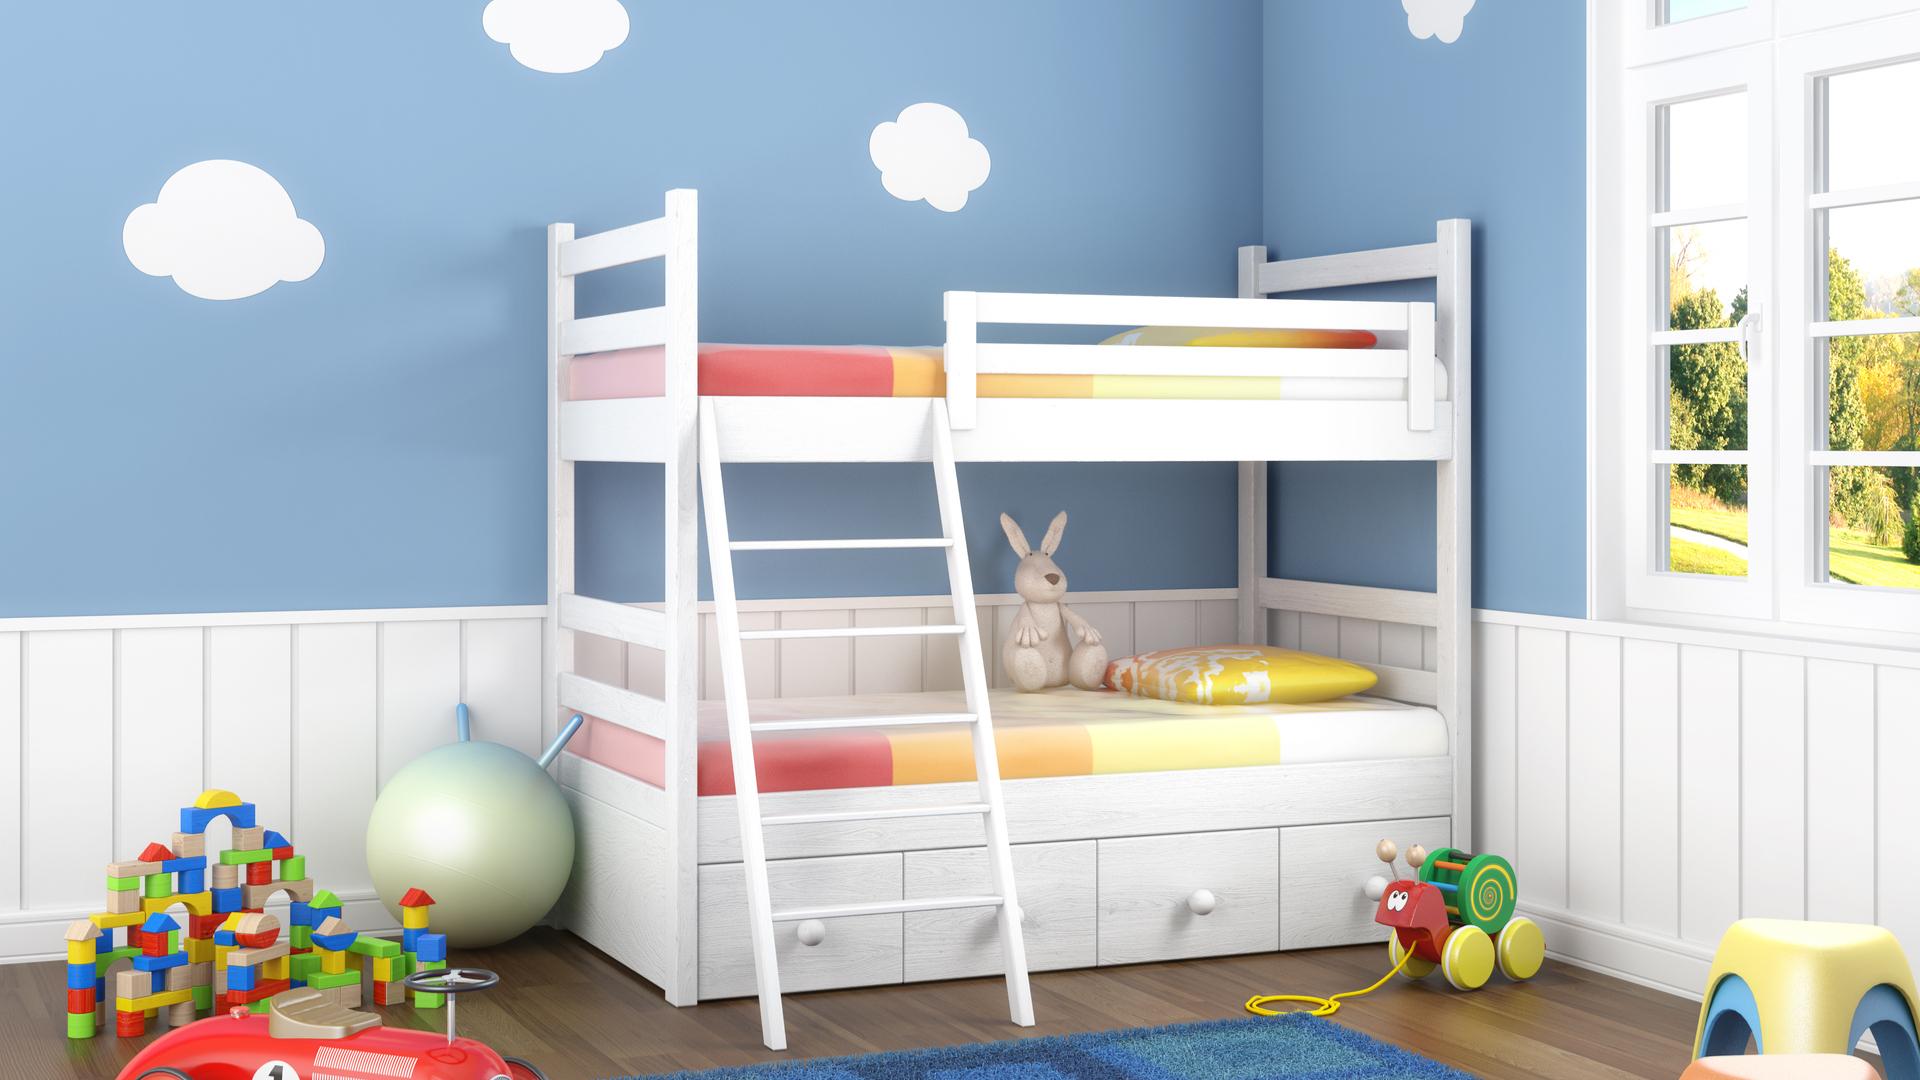 Conseils Et Sélection De Peintures Pour Chambres D'enfants destiné Jeux De Peinture Pour Fille